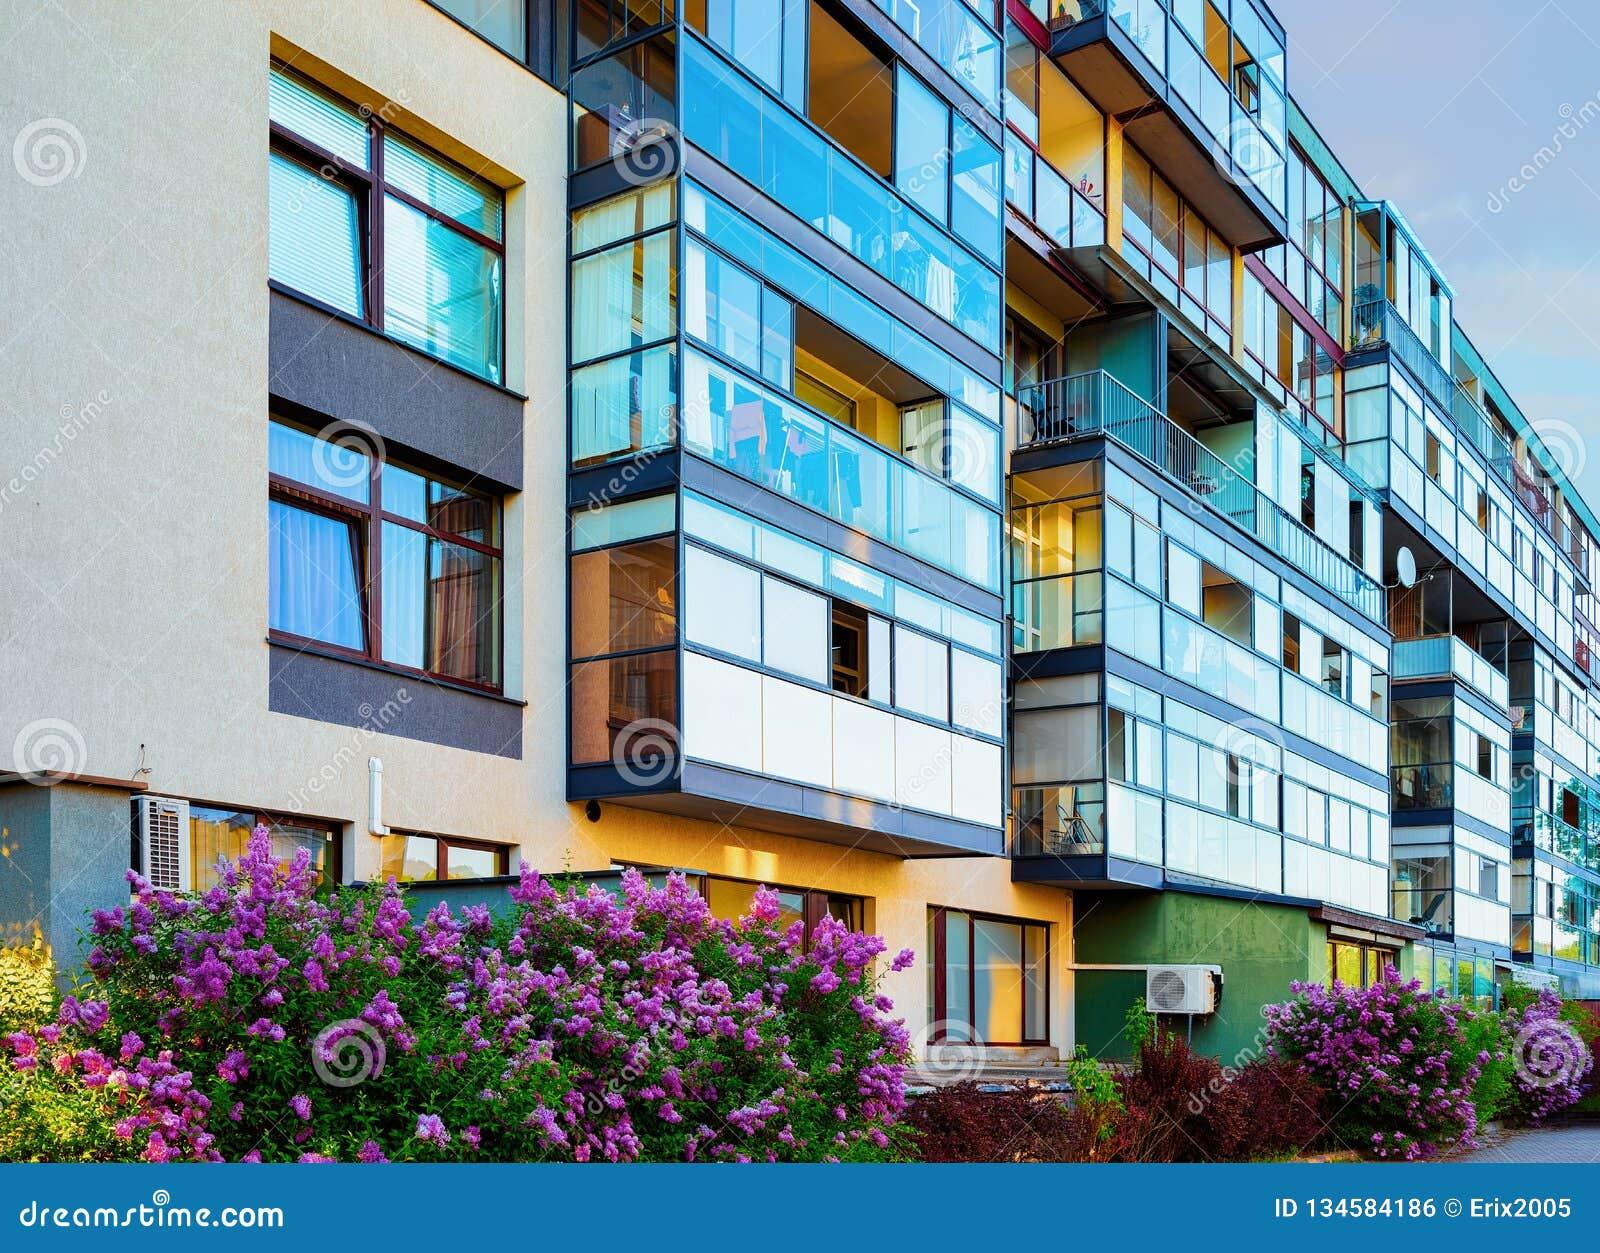 Nowożytny mieszkaniowy mieszkanie domu budynku kompleksu blok plenerowy